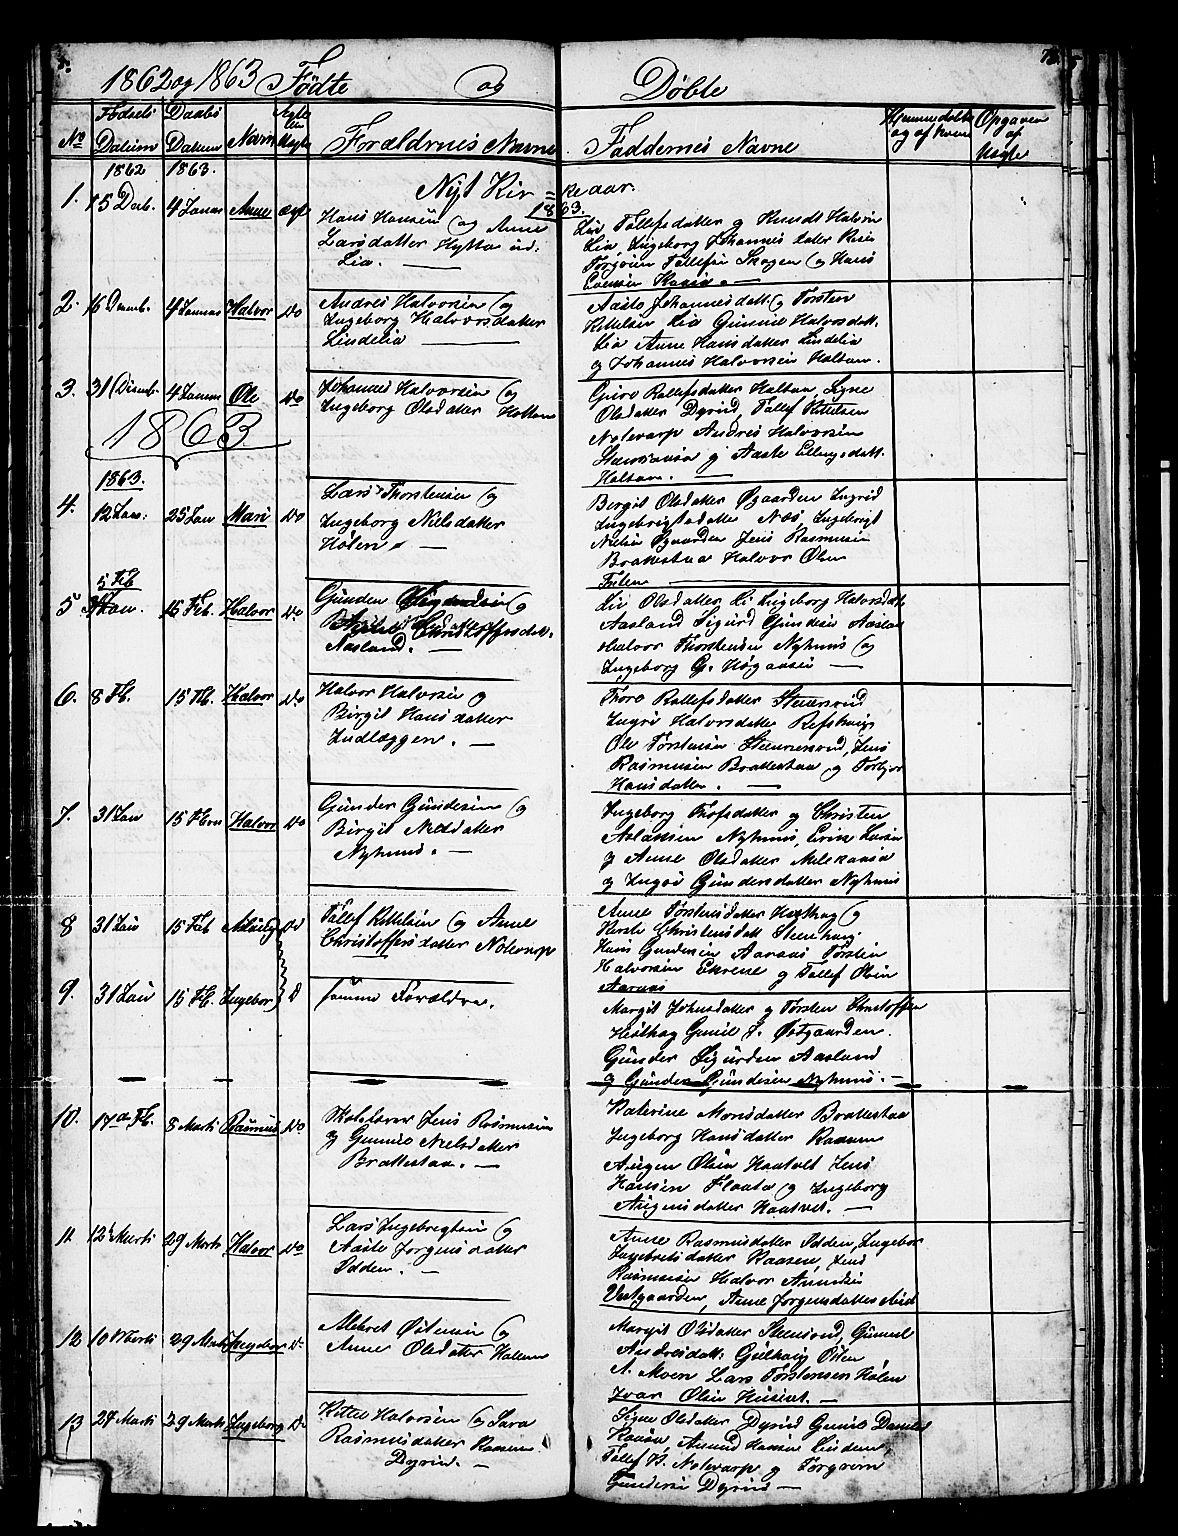 SAKO, Sauherad kirkebøker, G/Gb/L0001: Klokkerbok nr. II 1, 1845-1865, s. 73